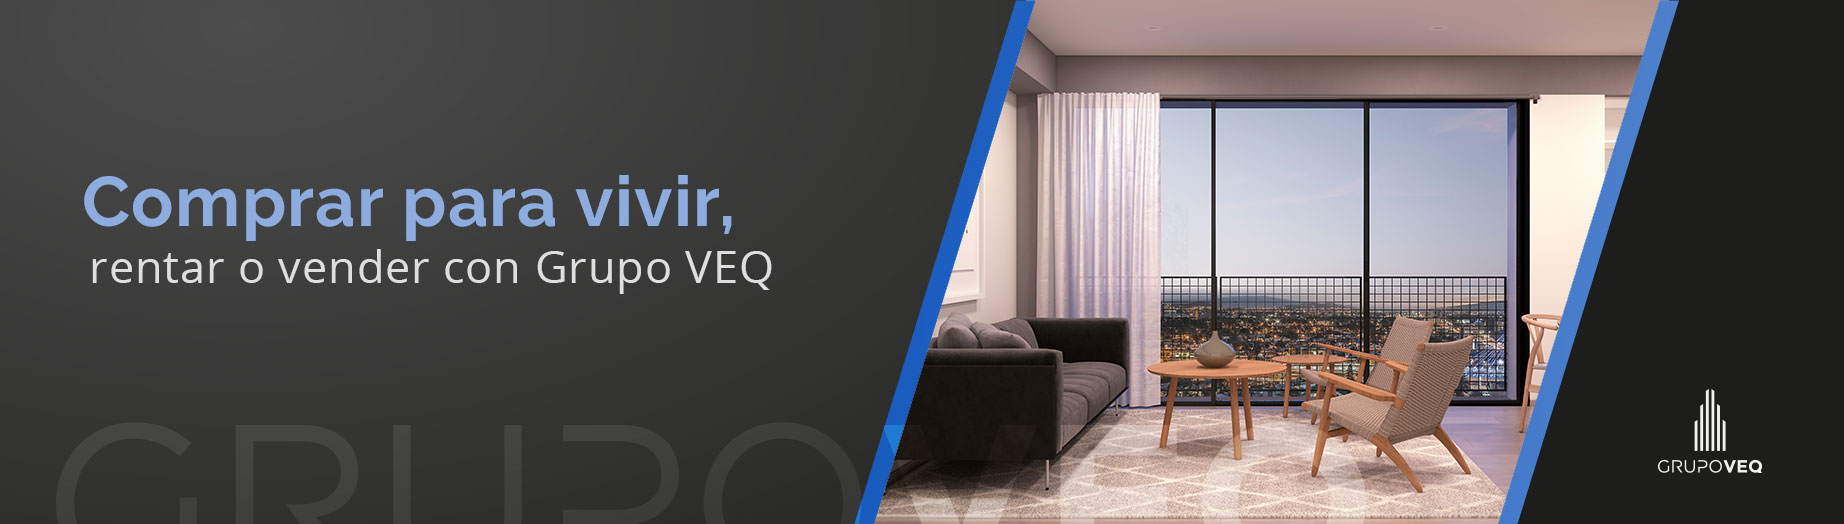 Comprar-para-vivir,-rentar-o-vender-con-Grupo-VEQ